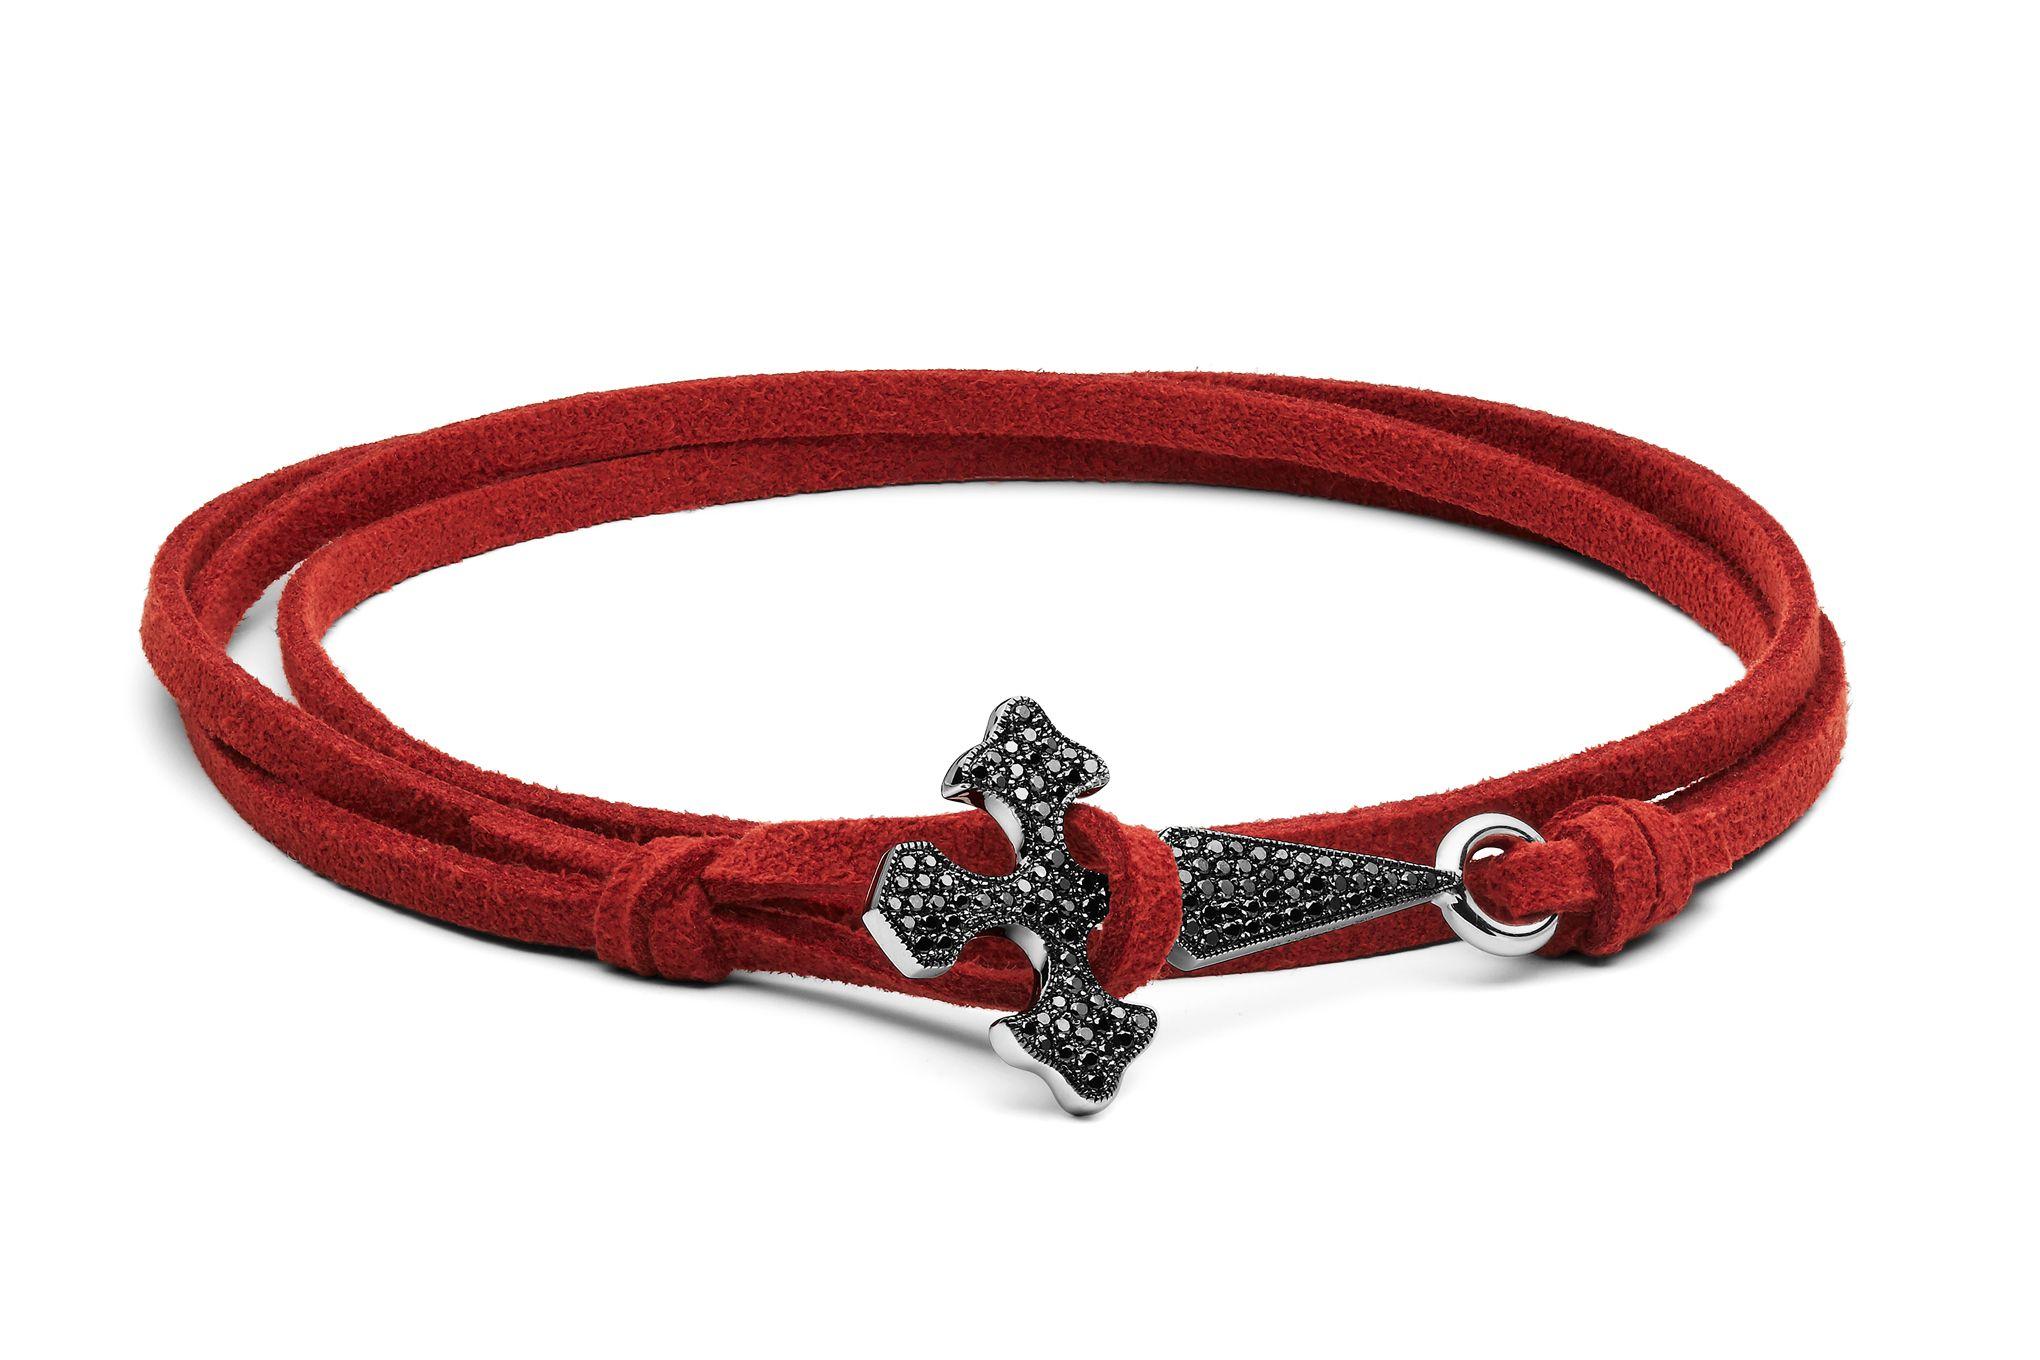 79c565ba27151 Cet été, les bracelets vont faire mâle